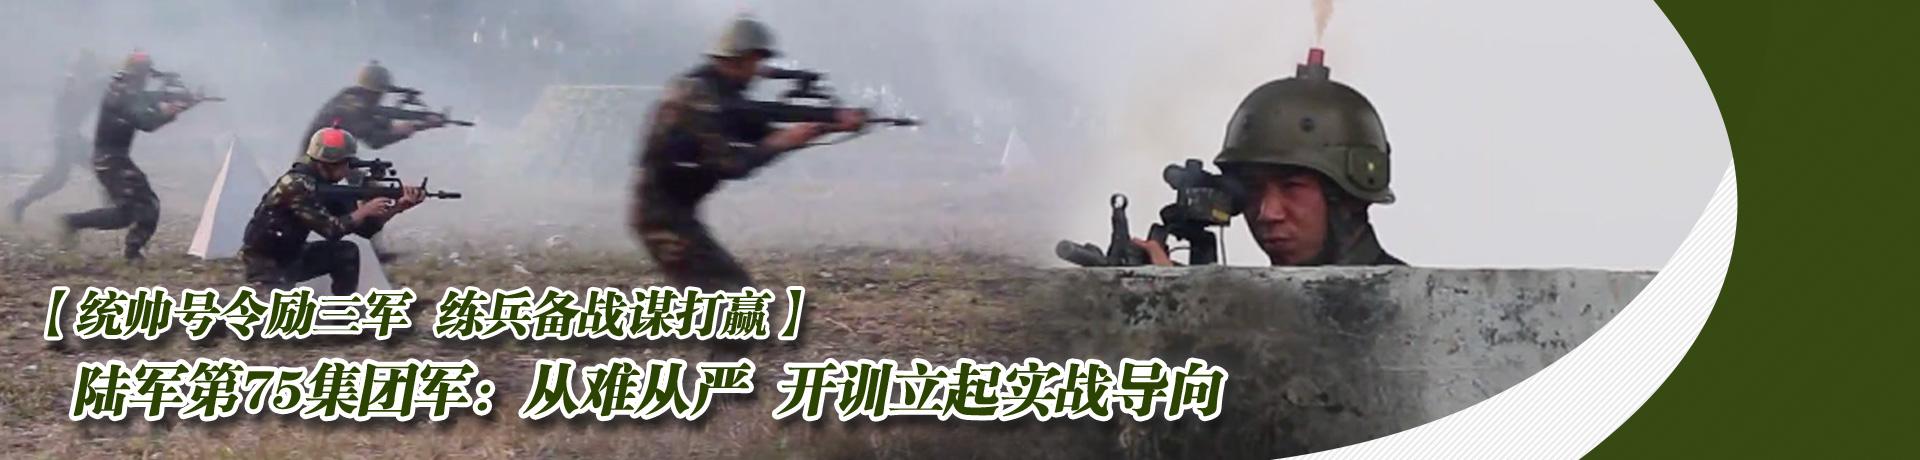 陆军第75集团军:从难?#21451;?开训立起实战导向